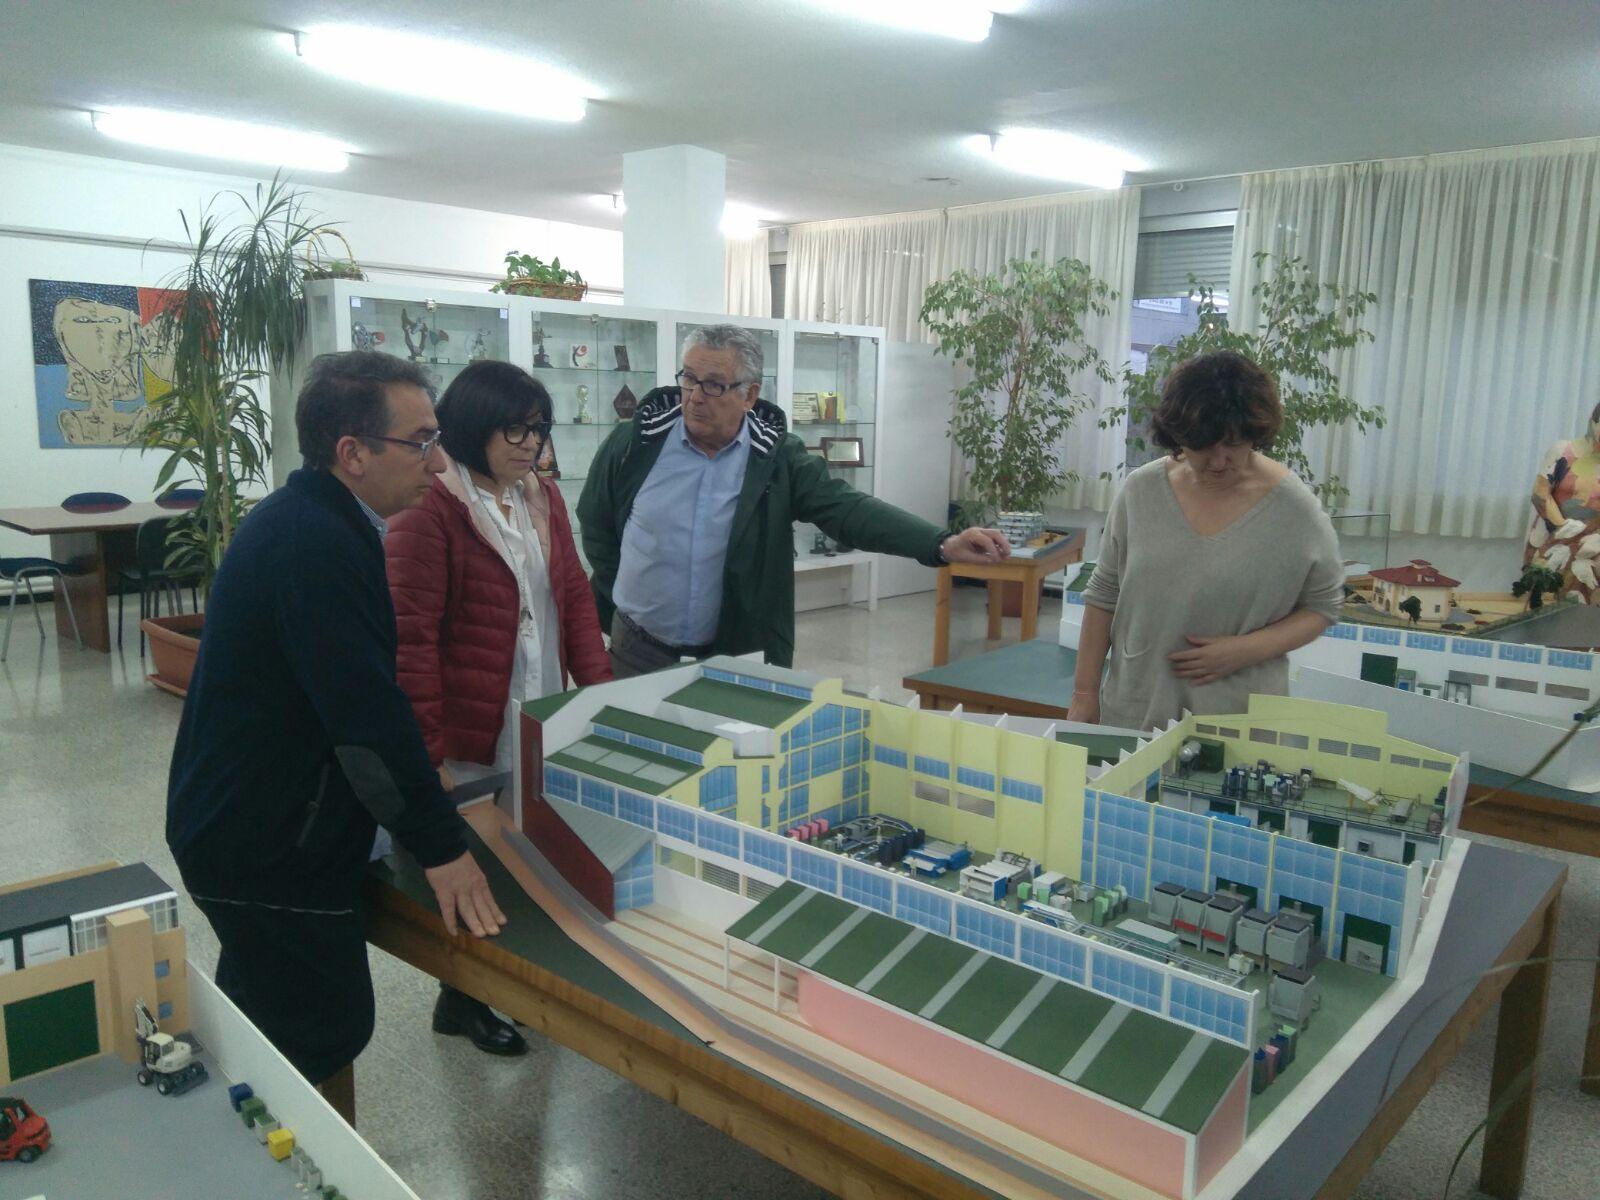 El alcalde, Miguel Tórtola, y la concejala de servicios sociales, Pepa Gimeno, tras su visita a las instalaciones cántabras.